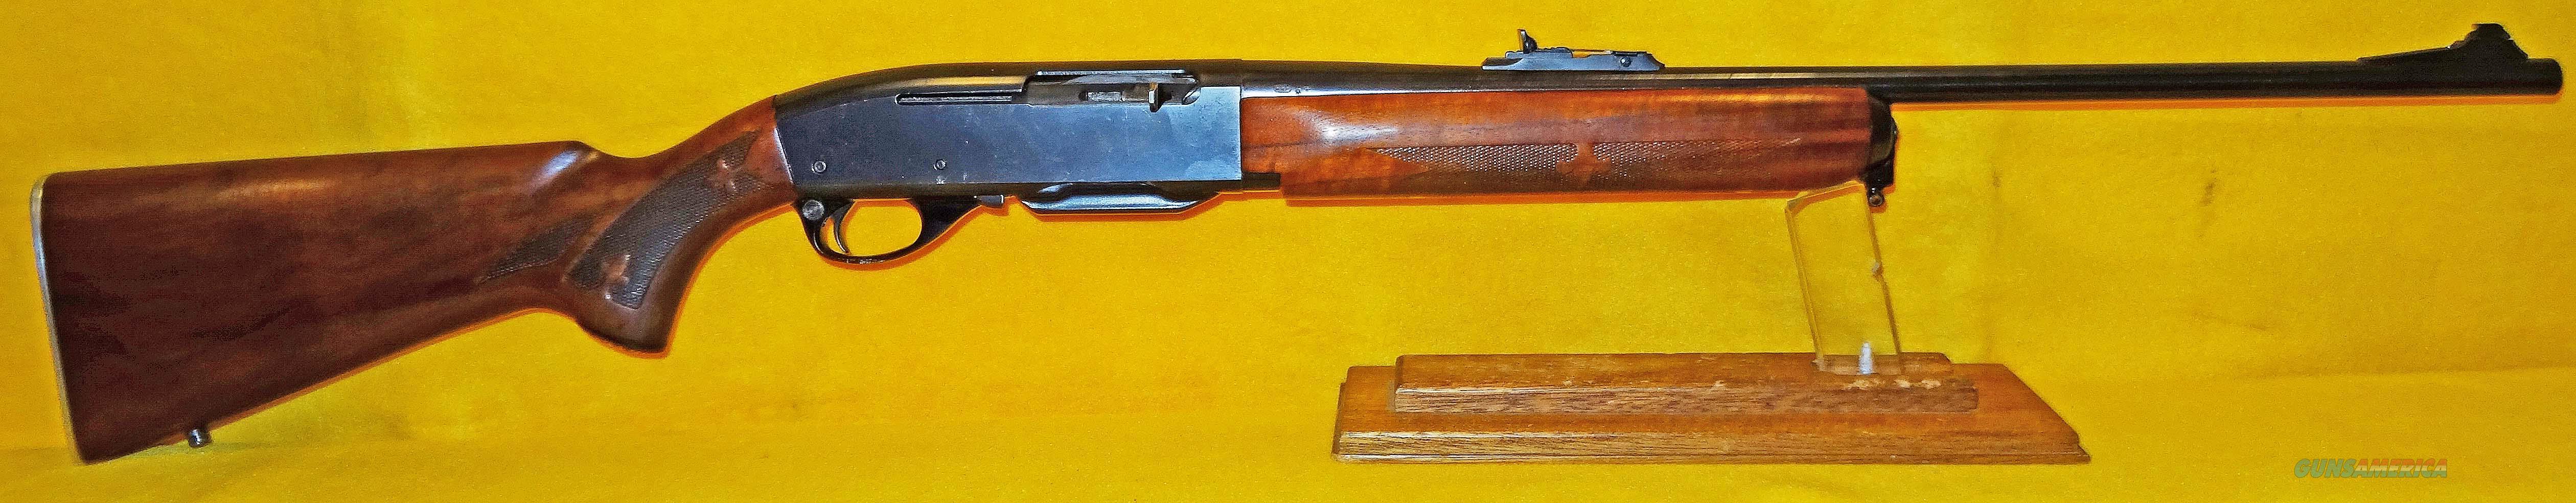 REMINGTON 742  Guns > Rifles > Remington Rifles - Modern > Other